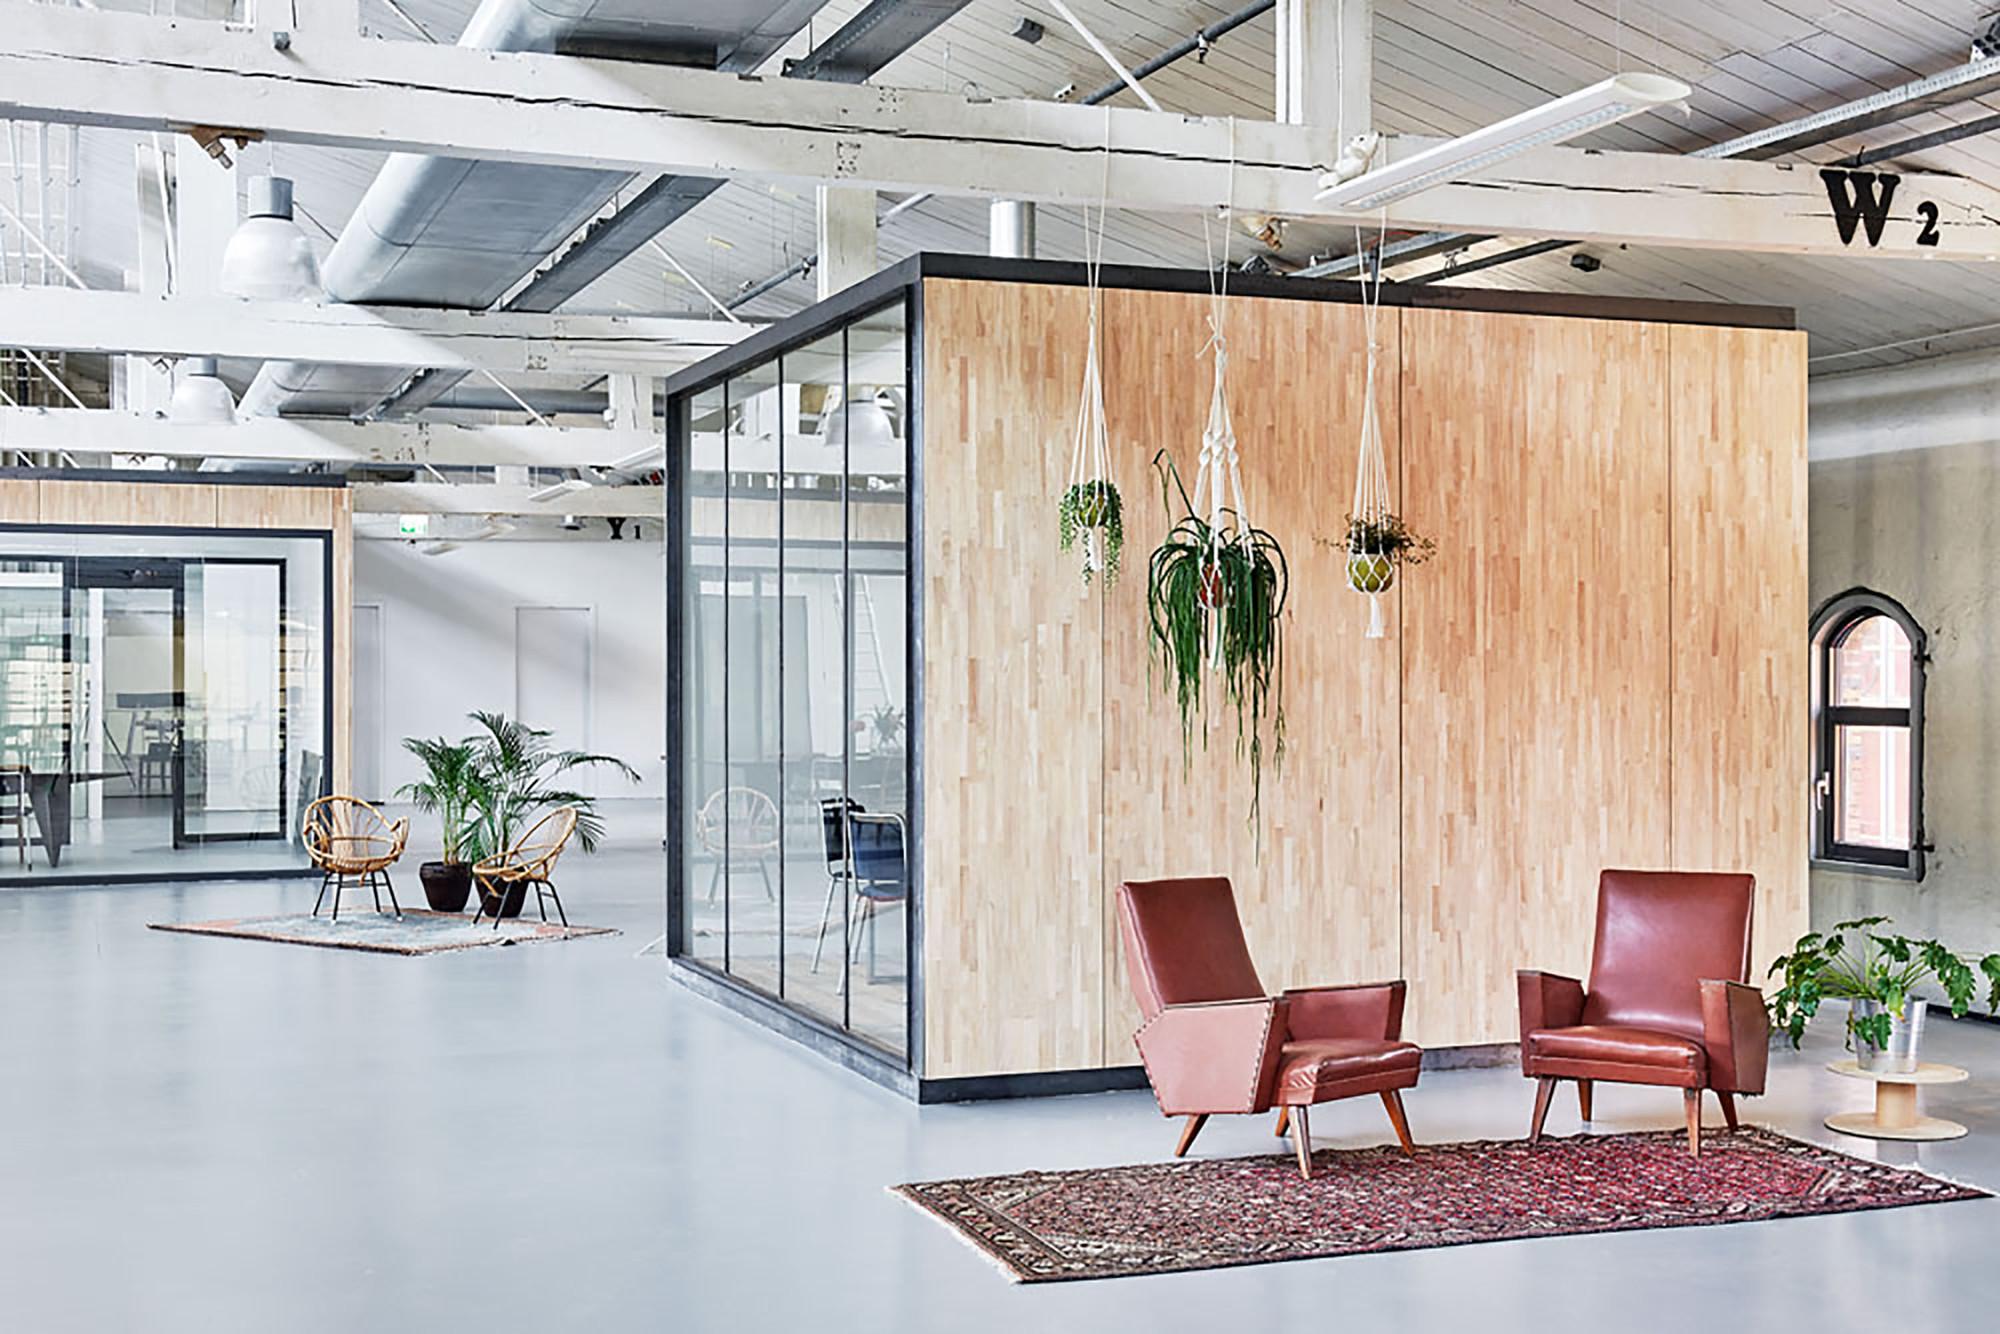 Fairphone Head Office In Amsterdam Melinda Delst Interior Design